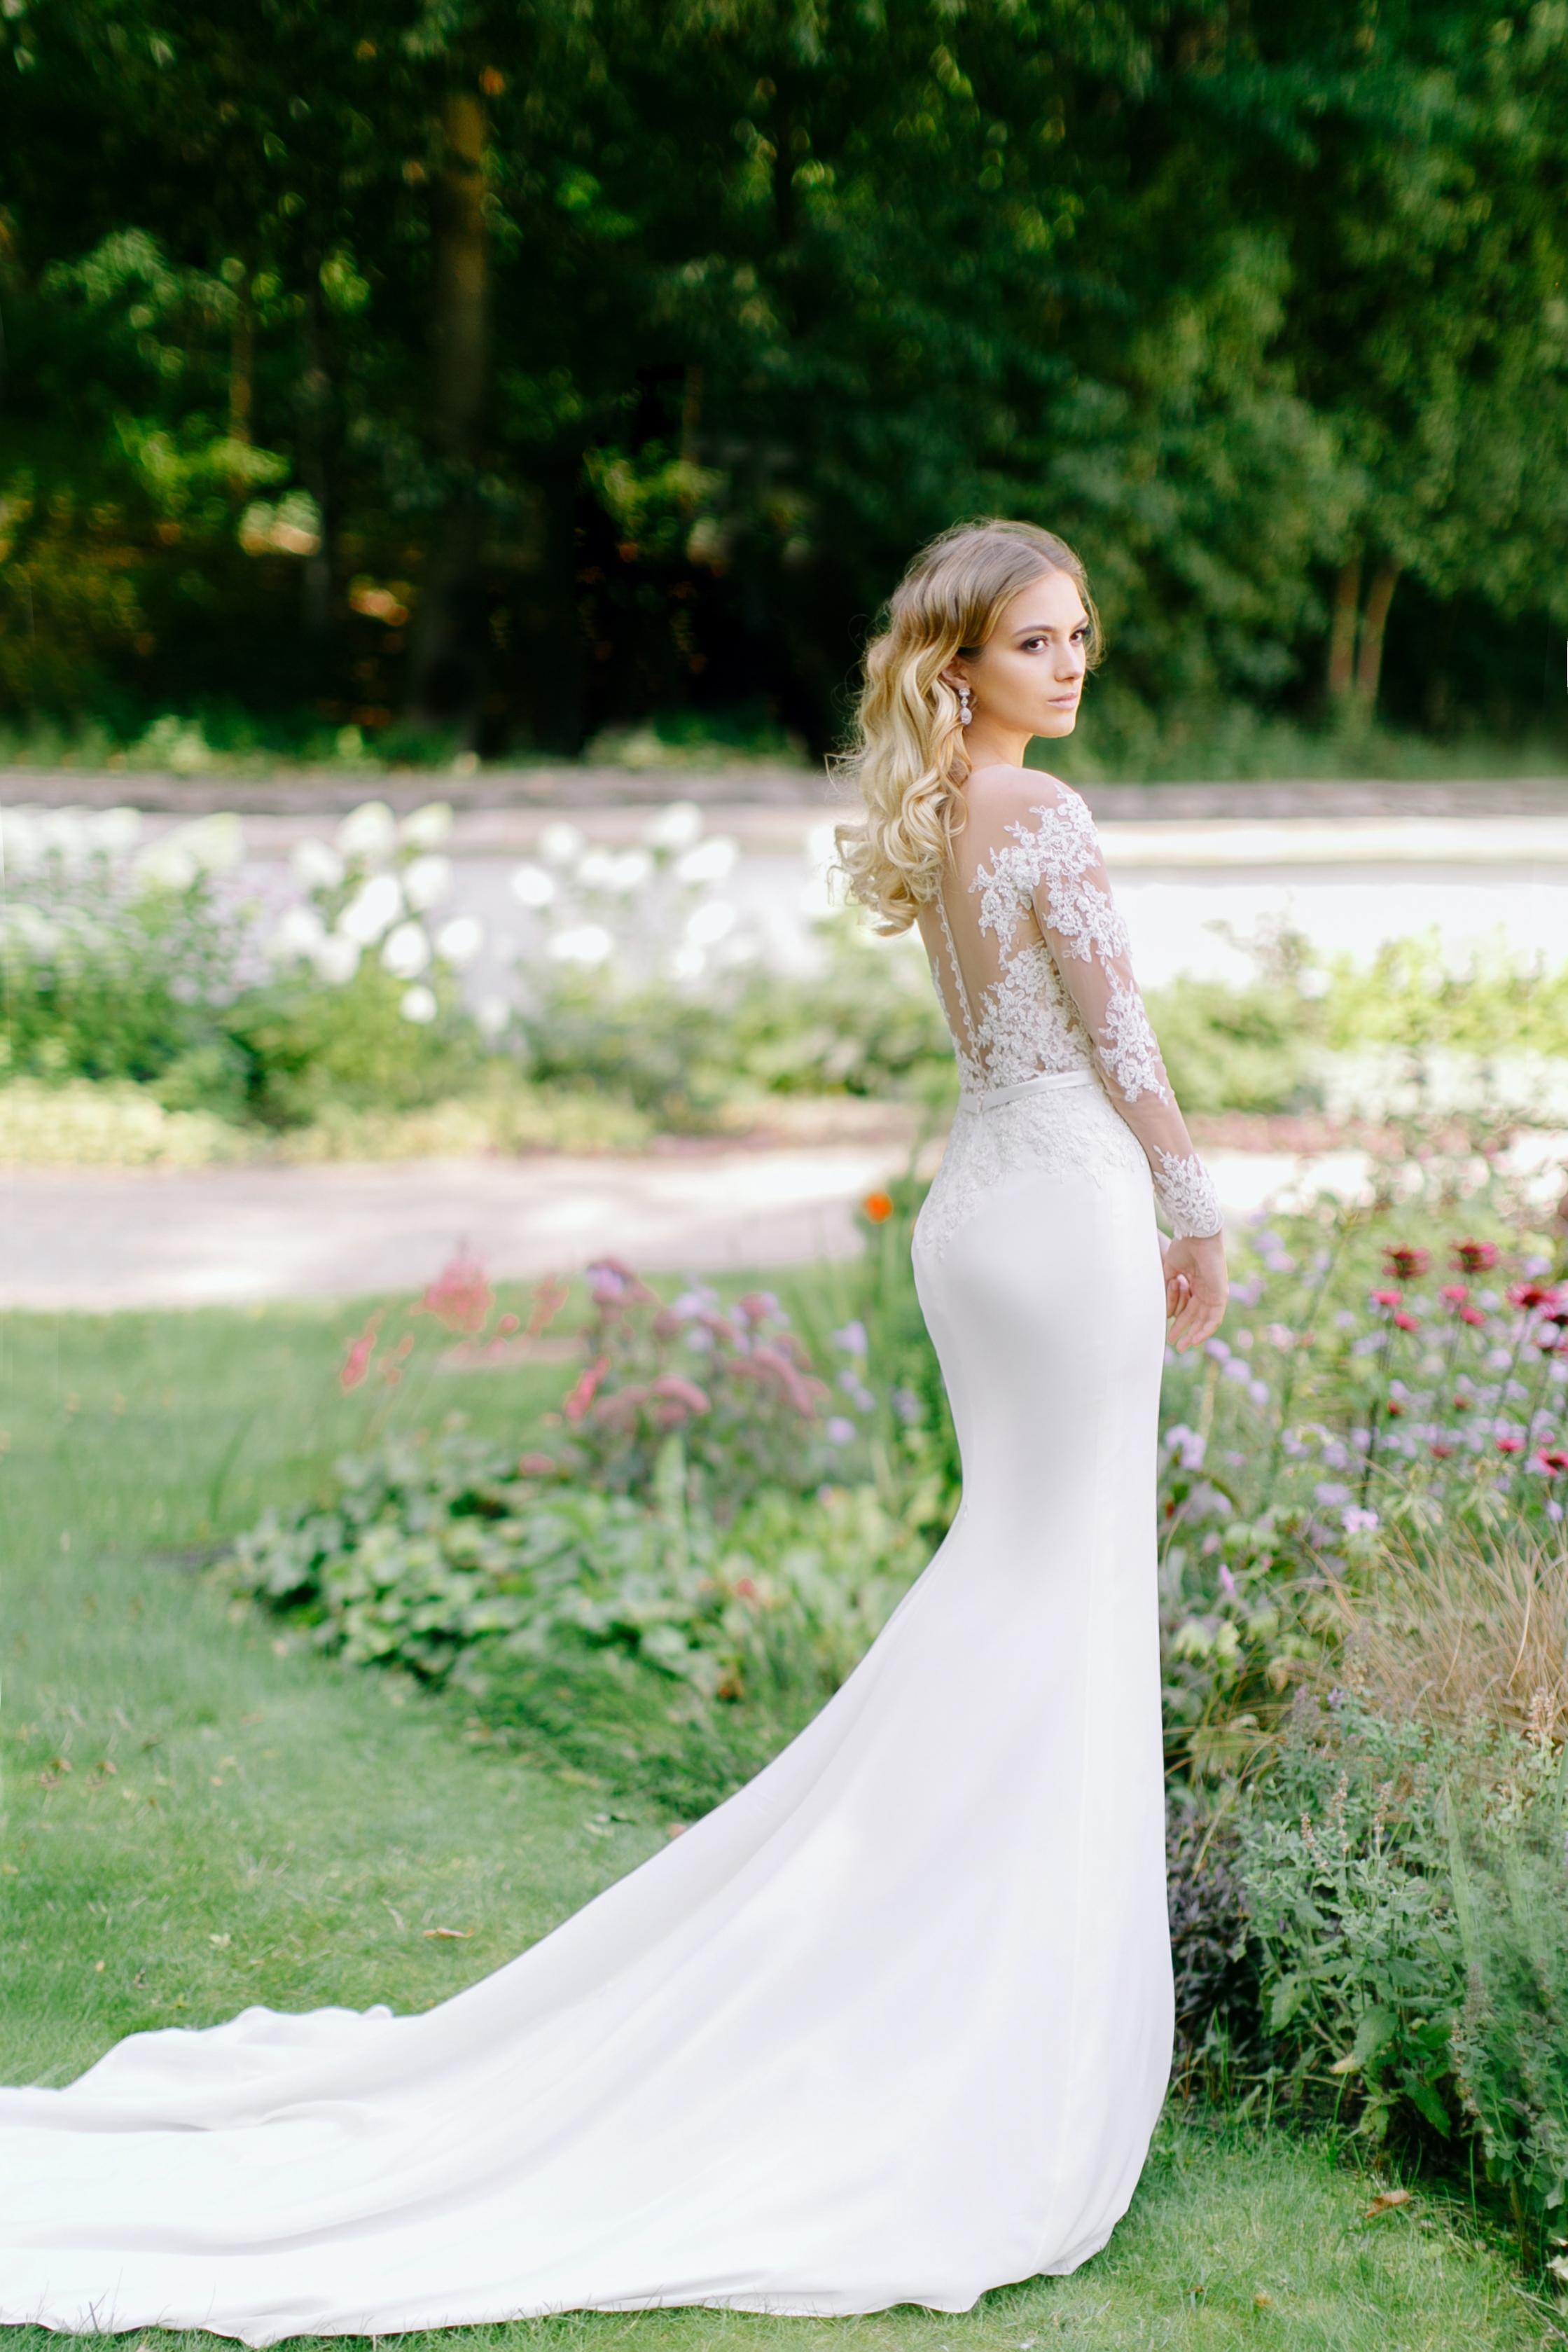 Suknia ślubna Typu Rybka Apate To Kwintesencja Kobiecości